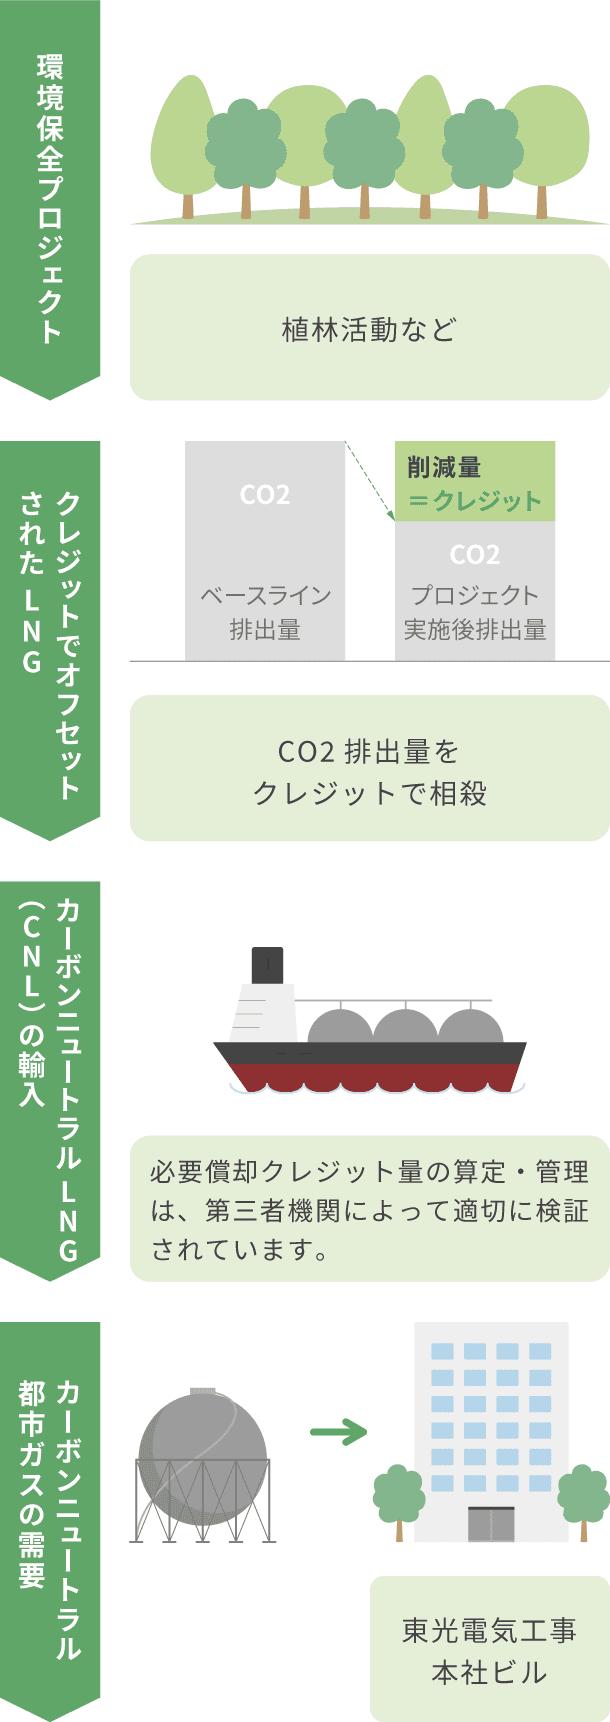 環境保全プロジェクト(植林活動など)、クレジットでオフセットされたLNG(CO2排出量をクレジットで相殺)、カーボンニュートラルLNG(CNL)の輸入(必要償却クレジット量の算定・管理は、第三者機関によって適切に検証されています。)、カーボンニュートラル都市ガスの需要